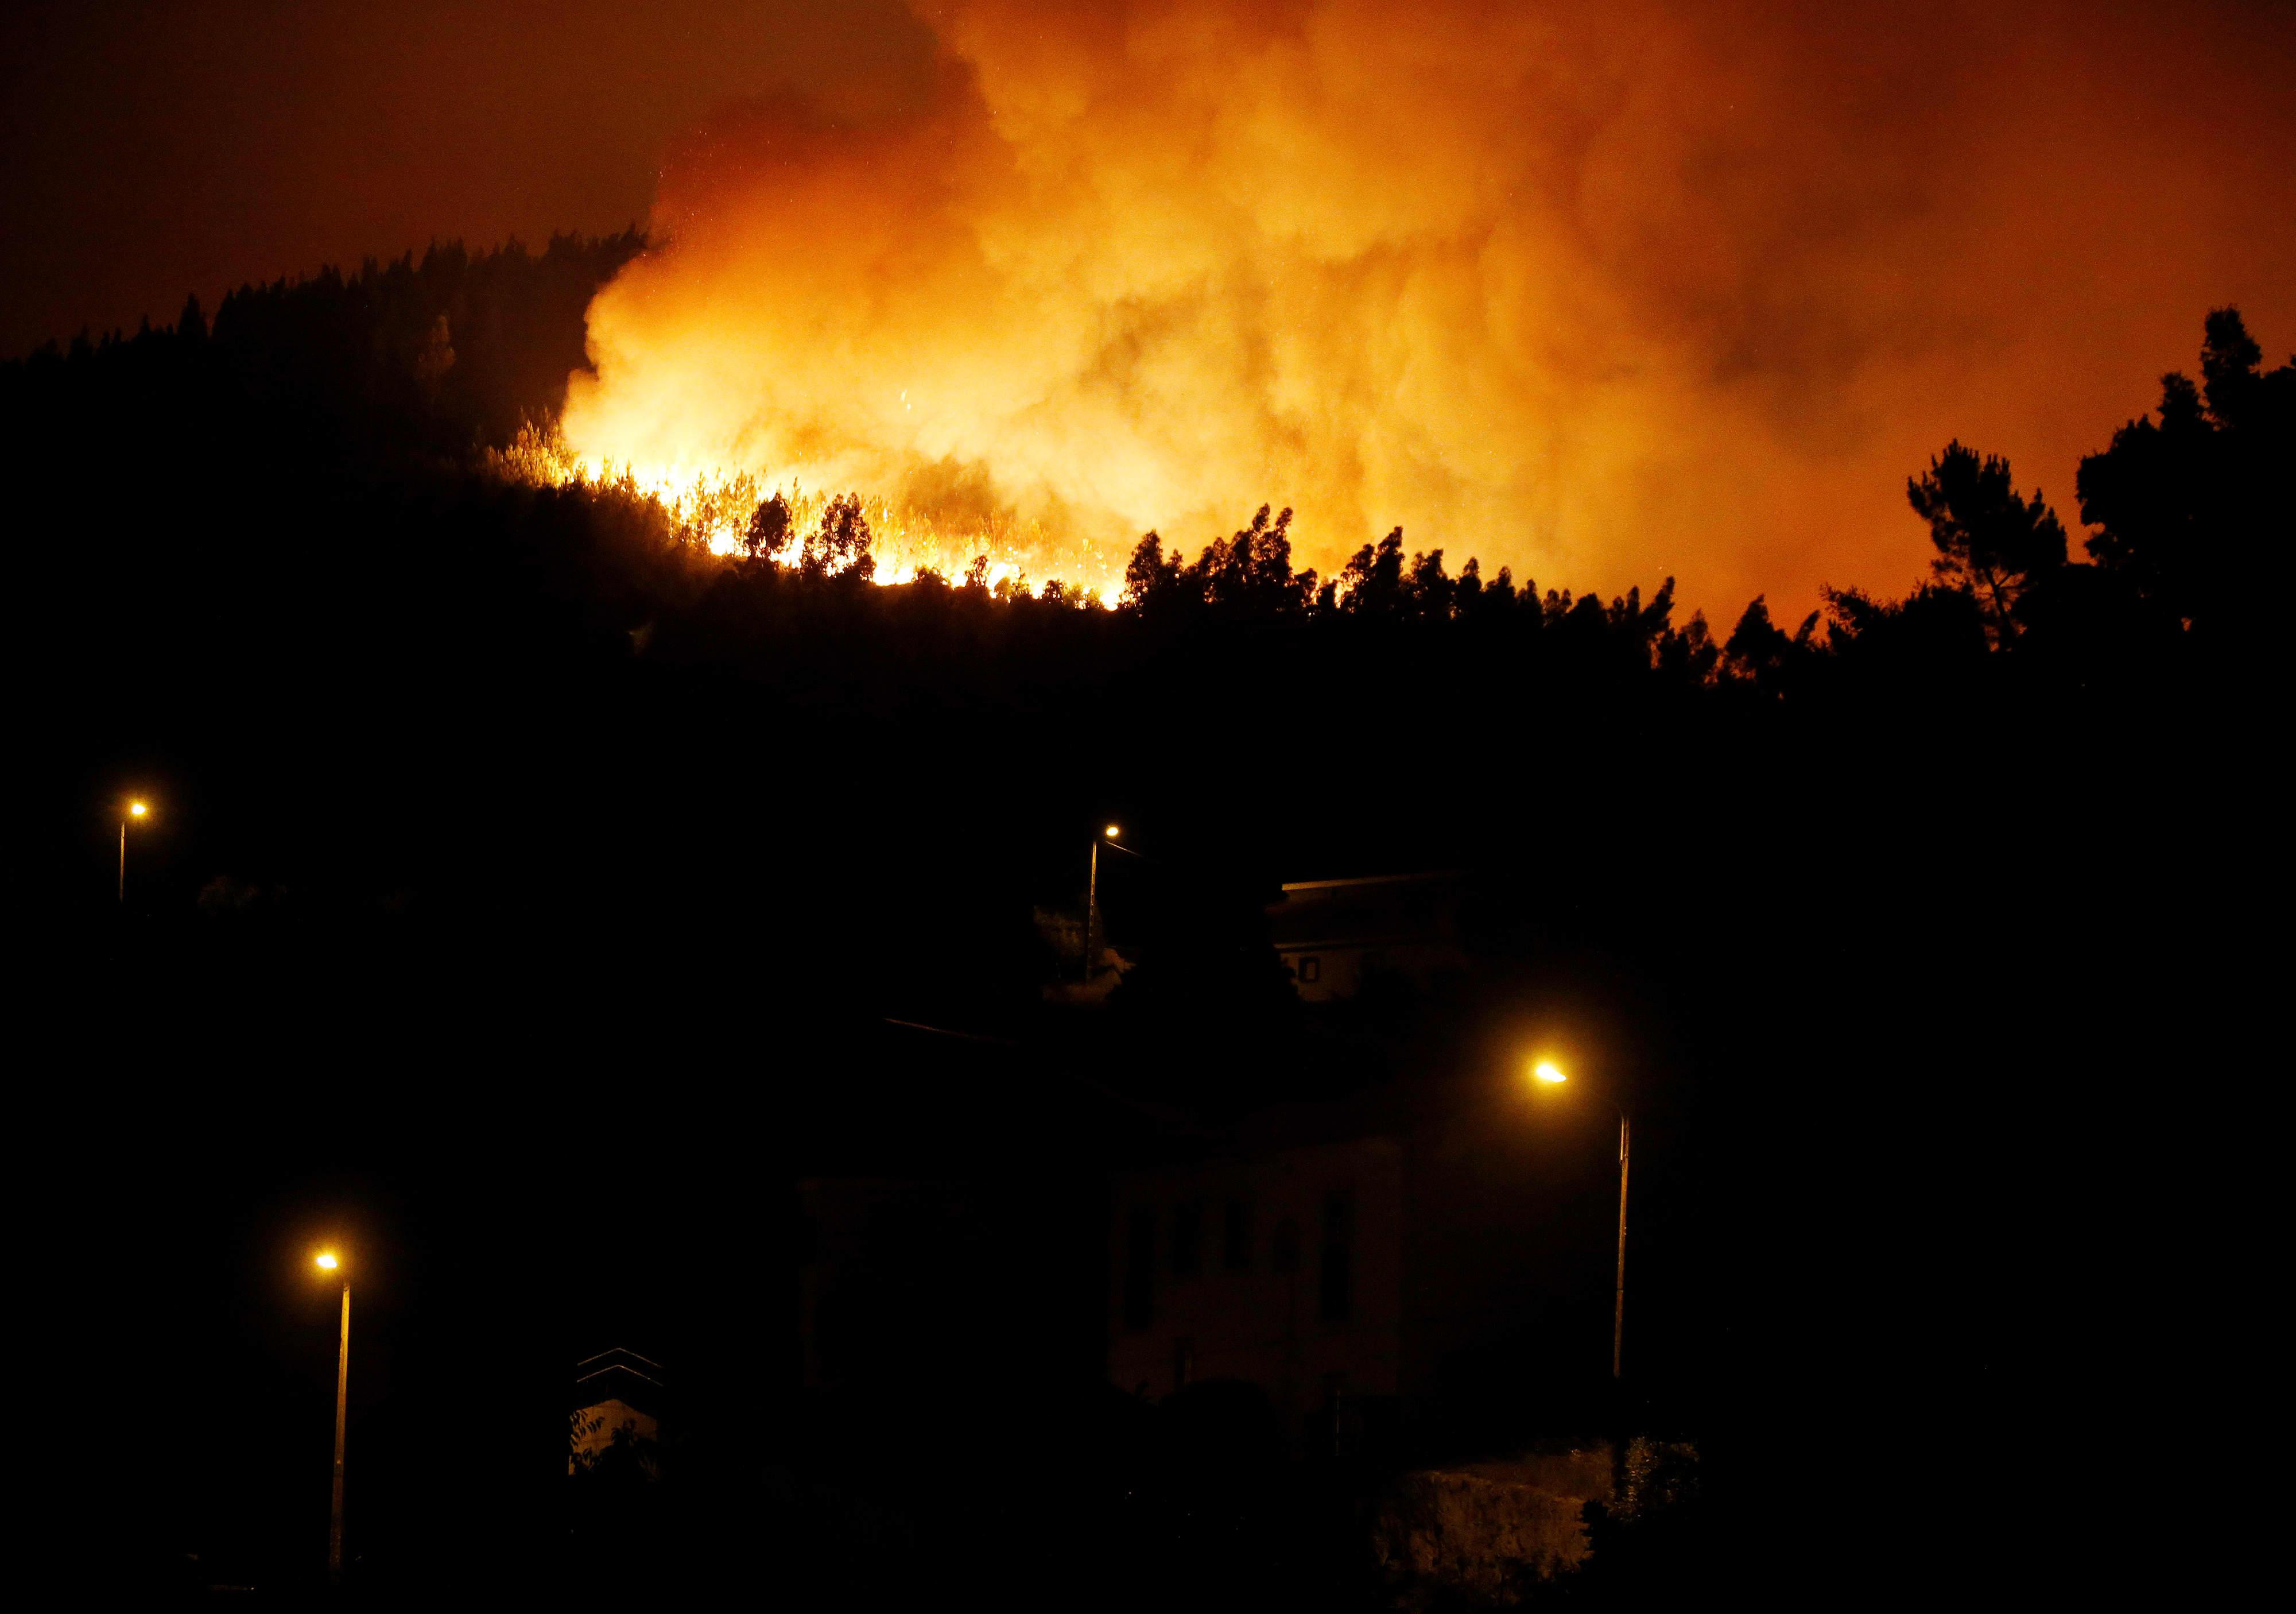 Пожар в ярославле стачек фото захочет съездить